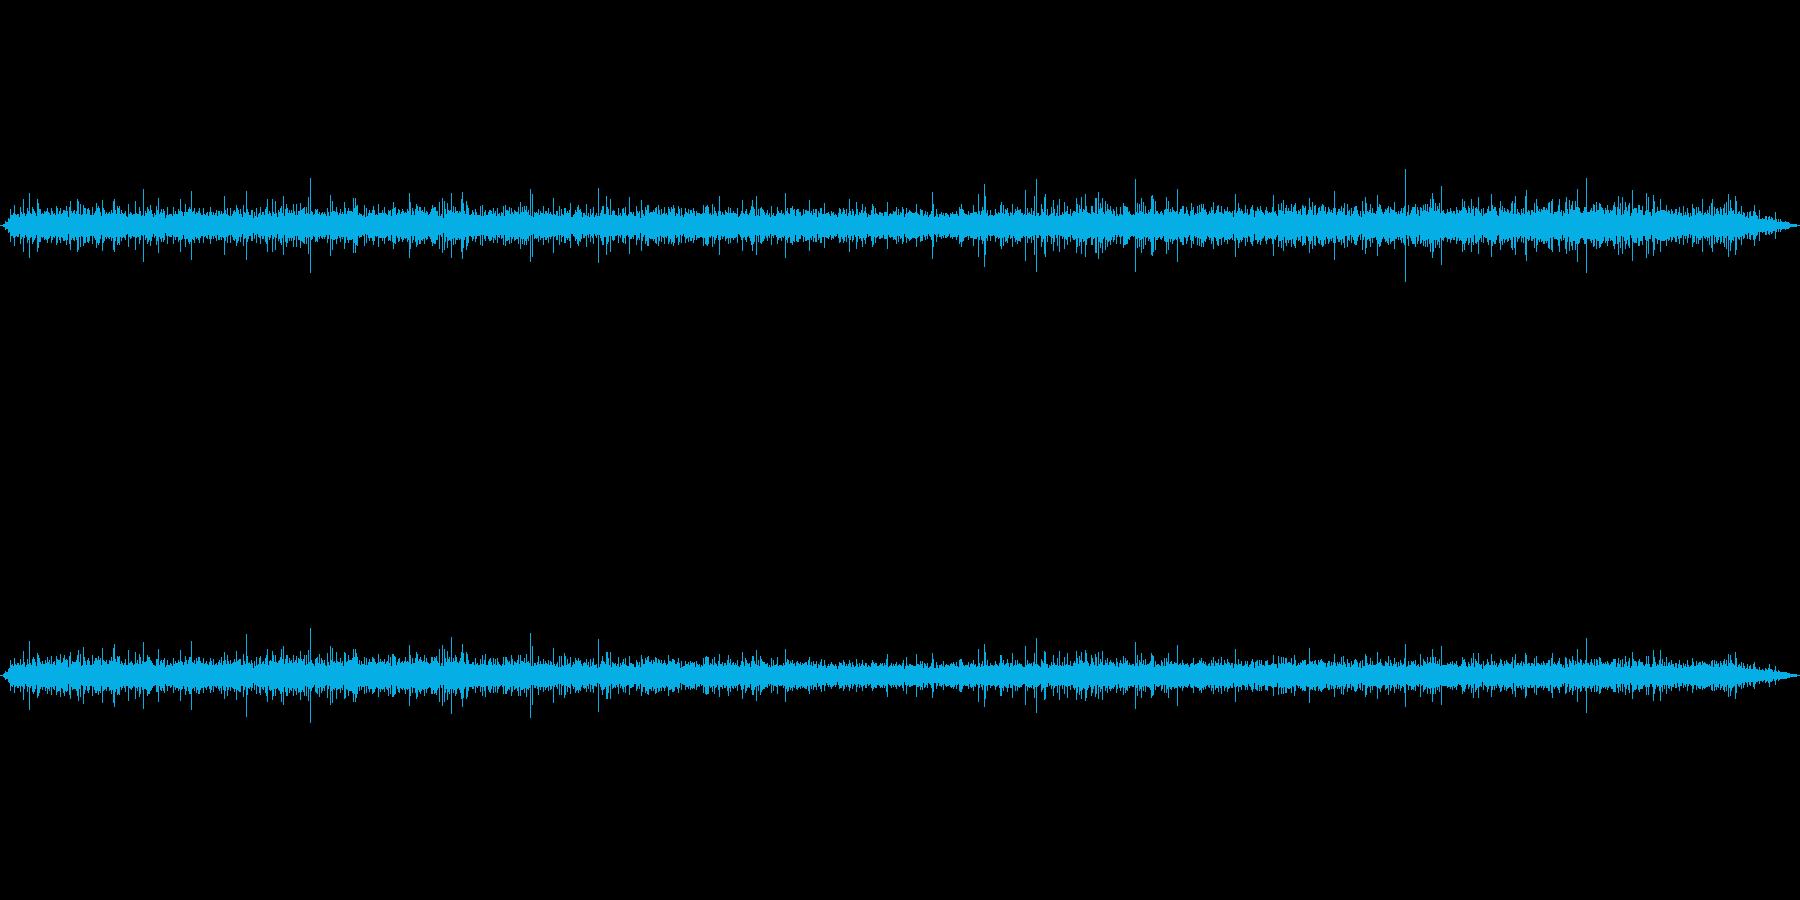 田園 サバンナダムオーバーフロー02の再生済みの波形